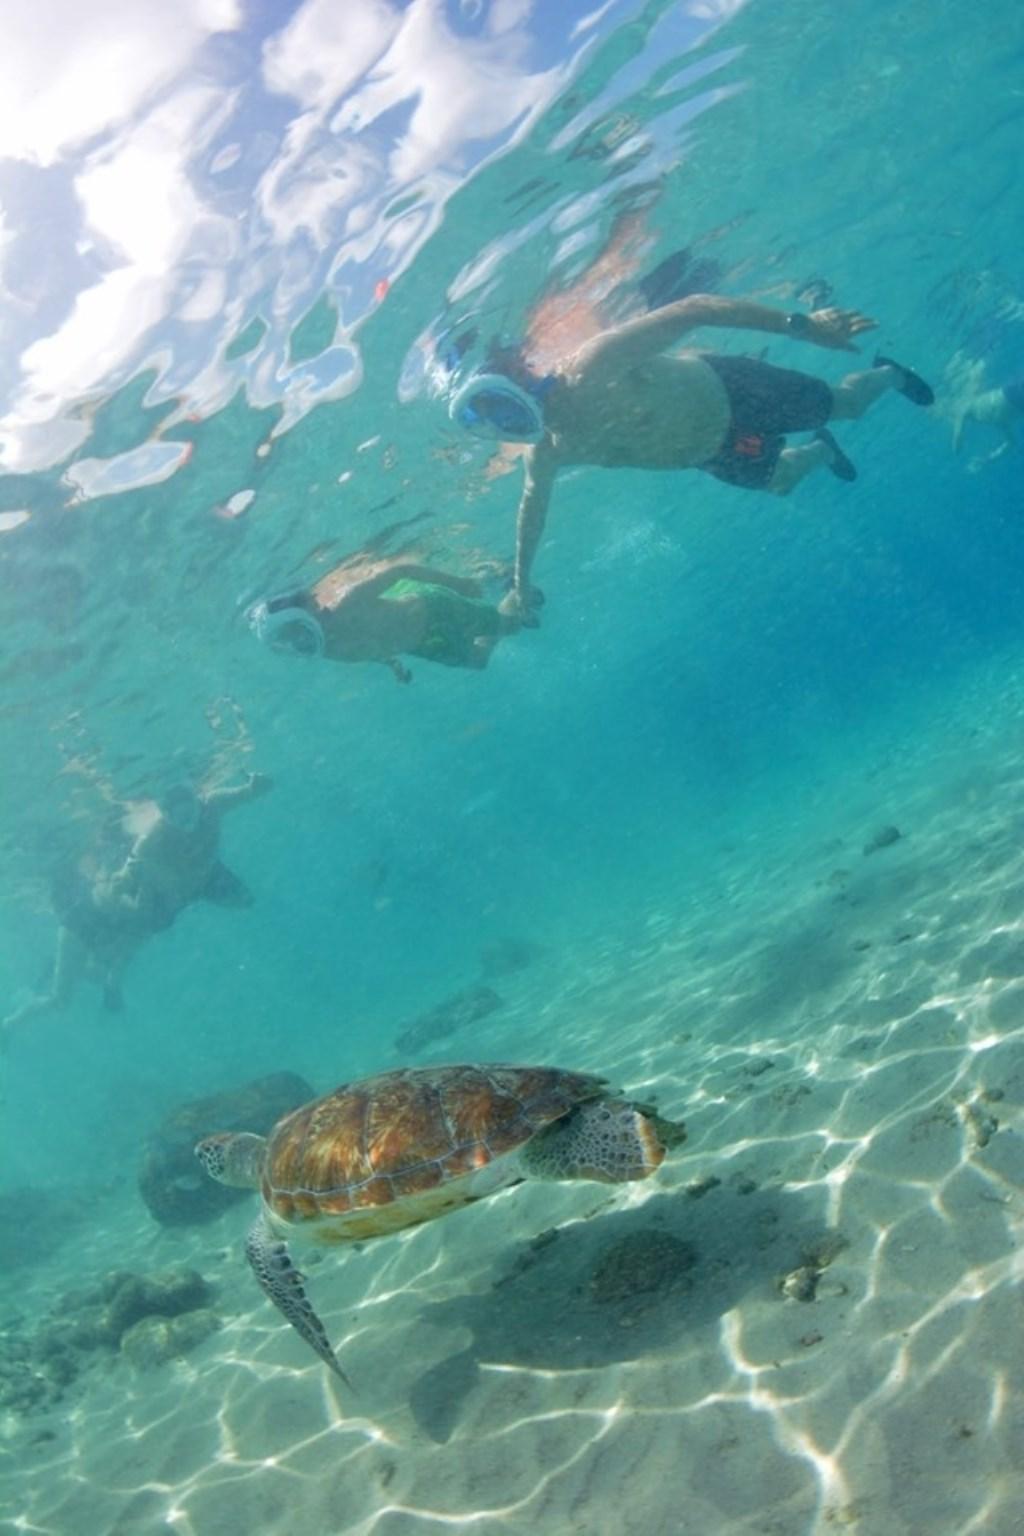 Onder water! Vader Eric en zoon Tommy samen aan het snorkelen op Curaçao. Ingestuurd door Jessica Heiming. © Kliknieuws Uden